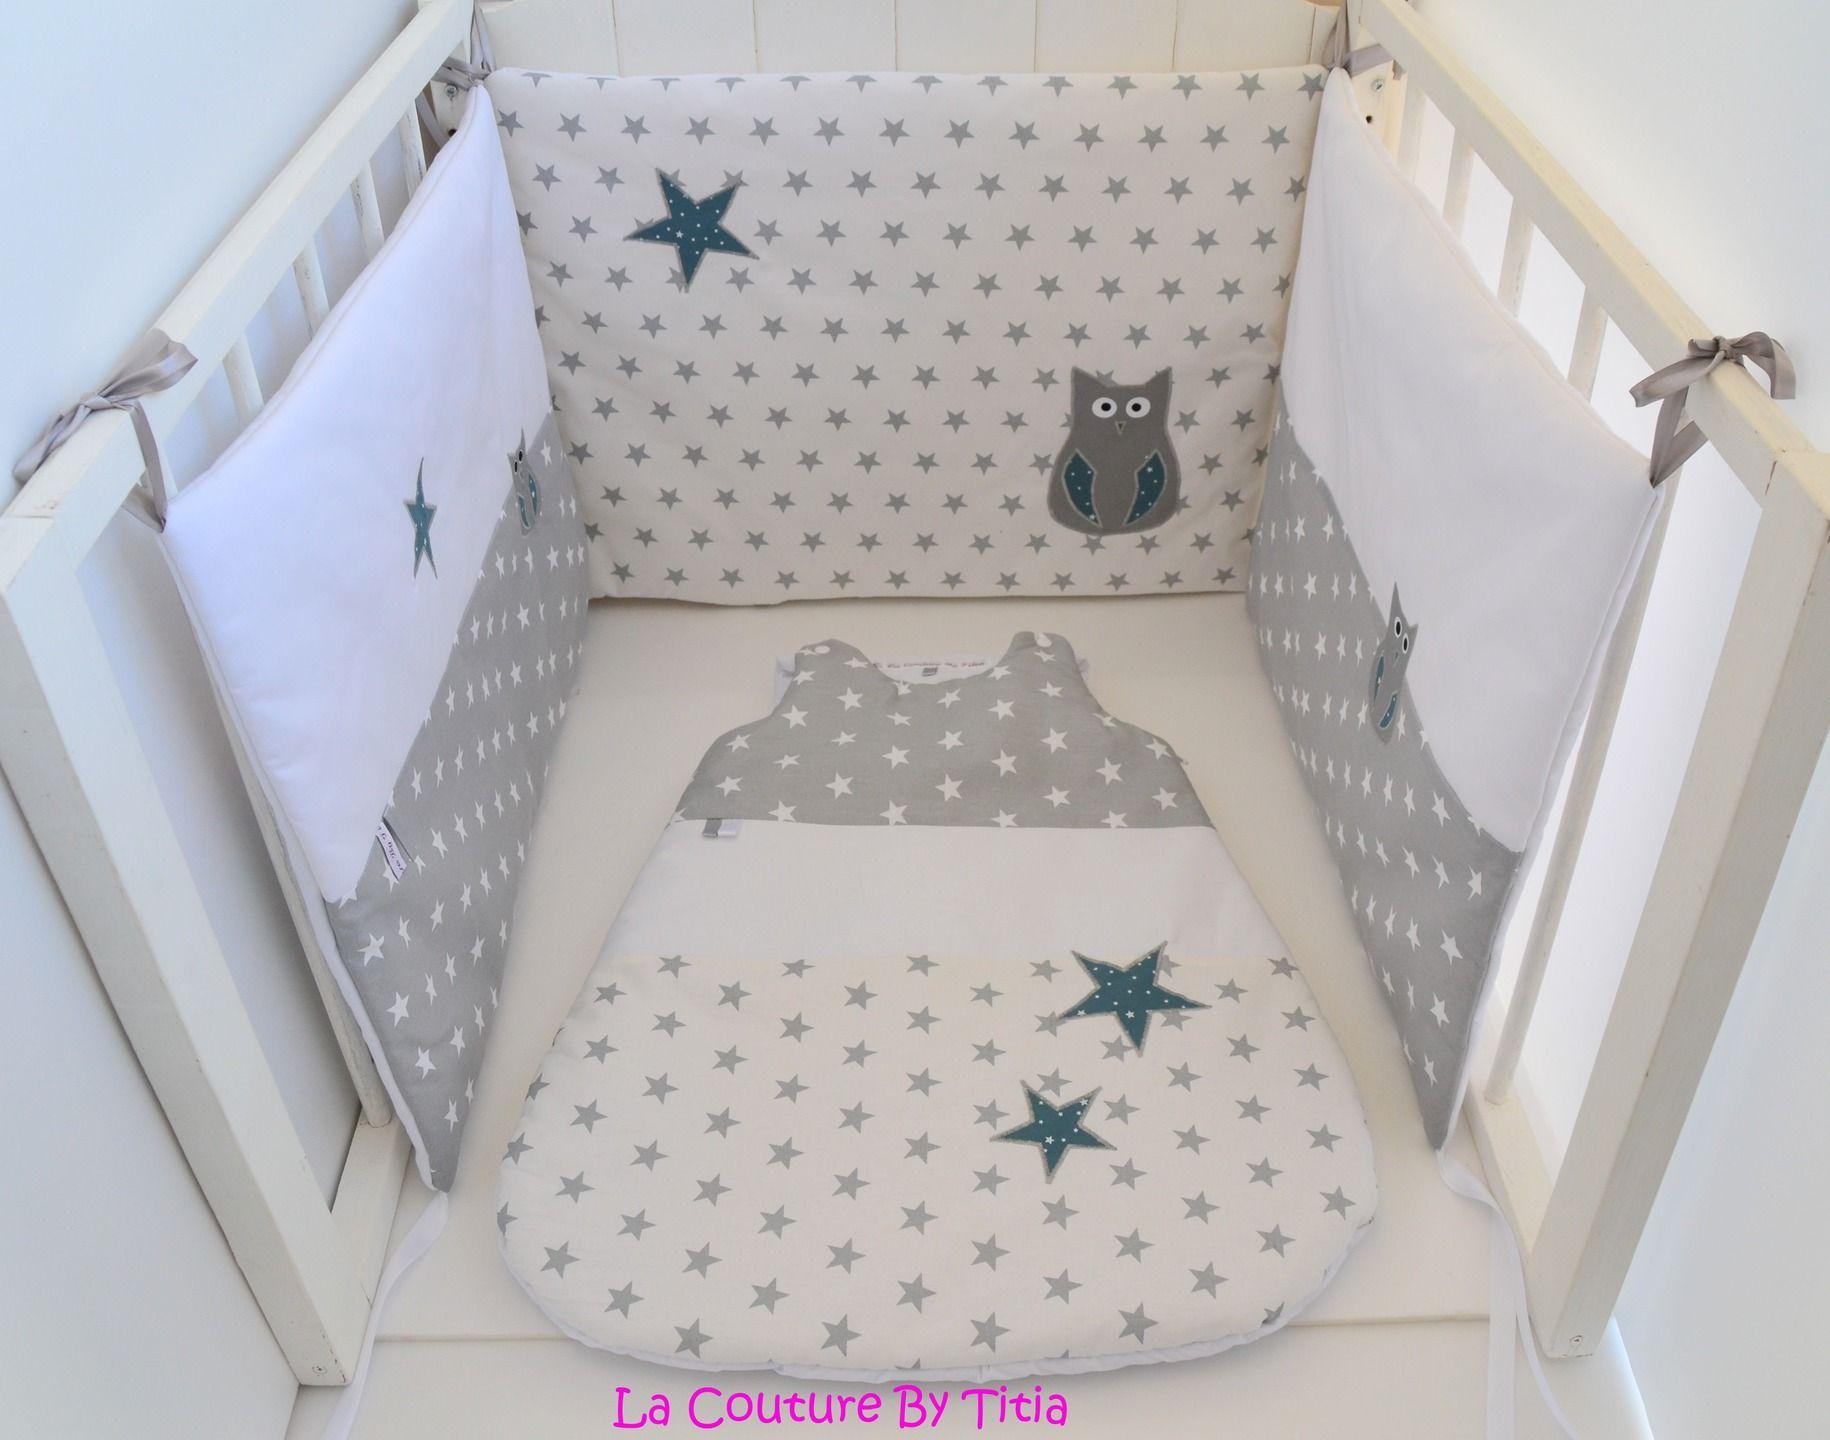 tour de lit et turbulette fait main etoiles gris et bleu canard hibou lacouturebytitia. Black Bedroom Furniture Sets. Home Design Ideas